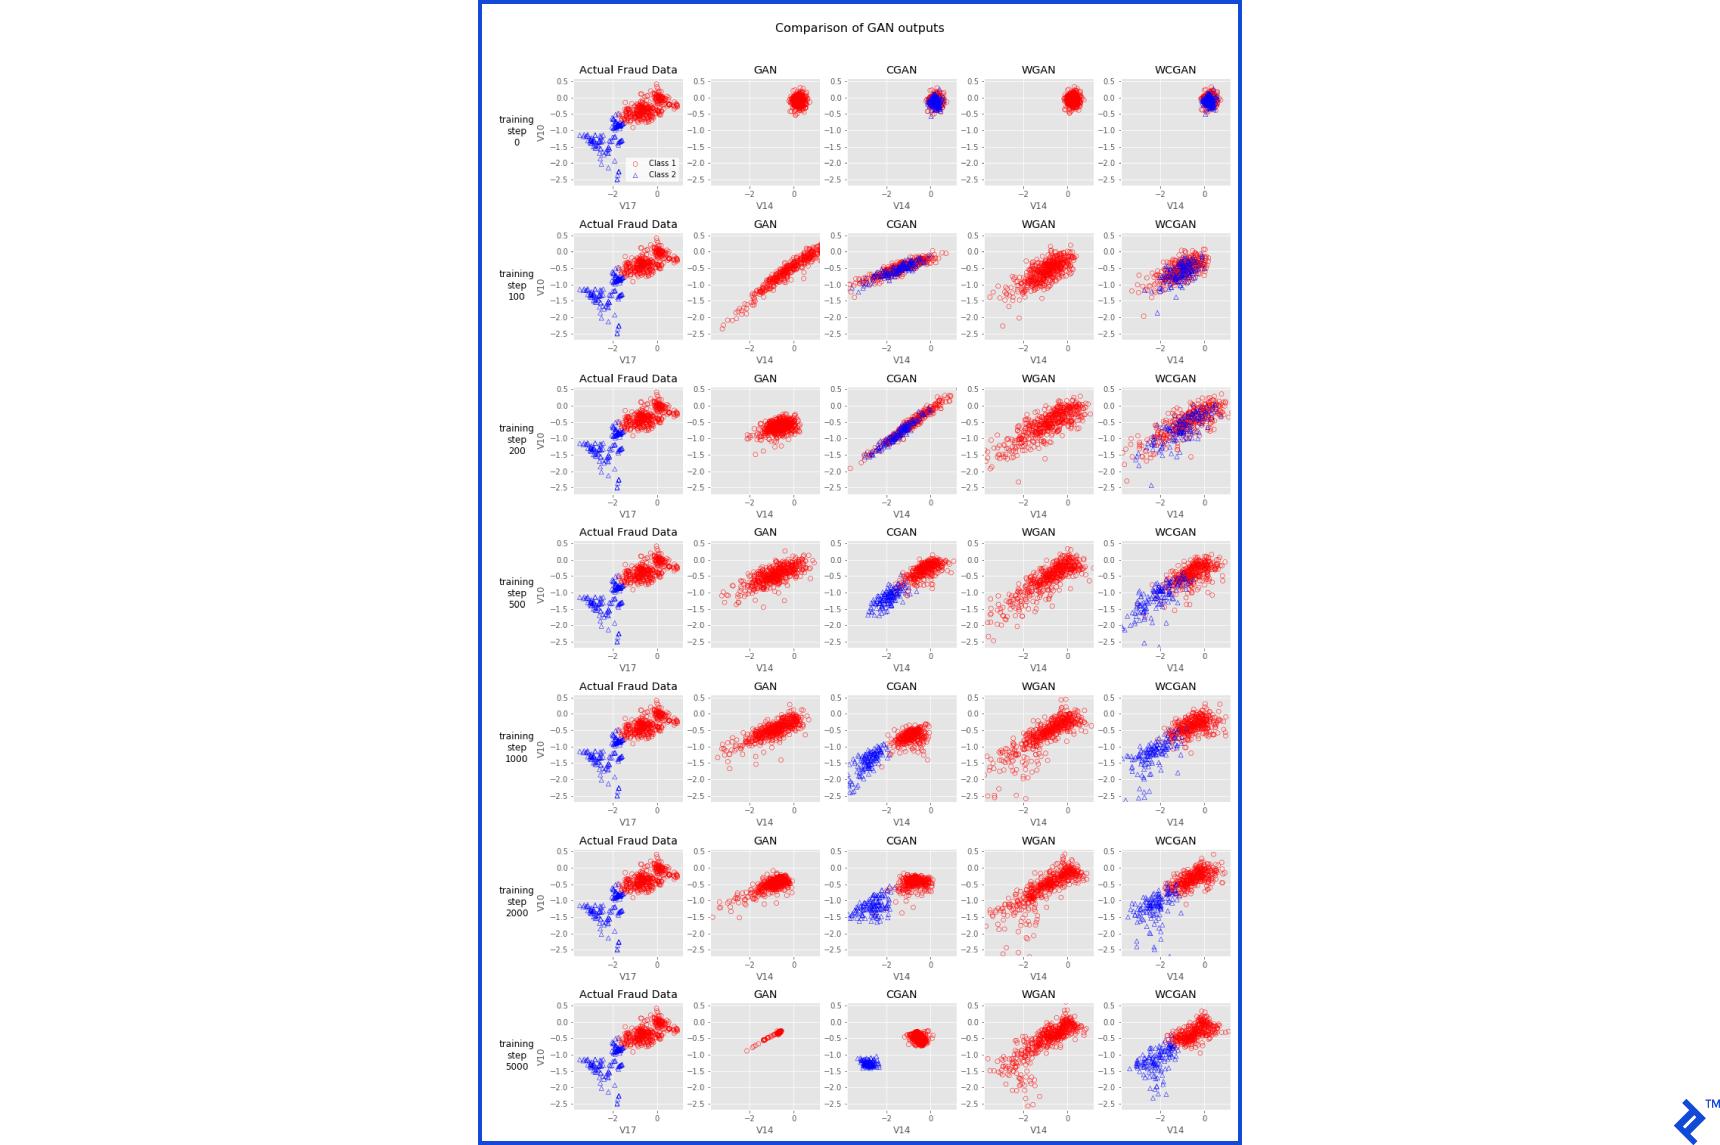 GAN output comparison